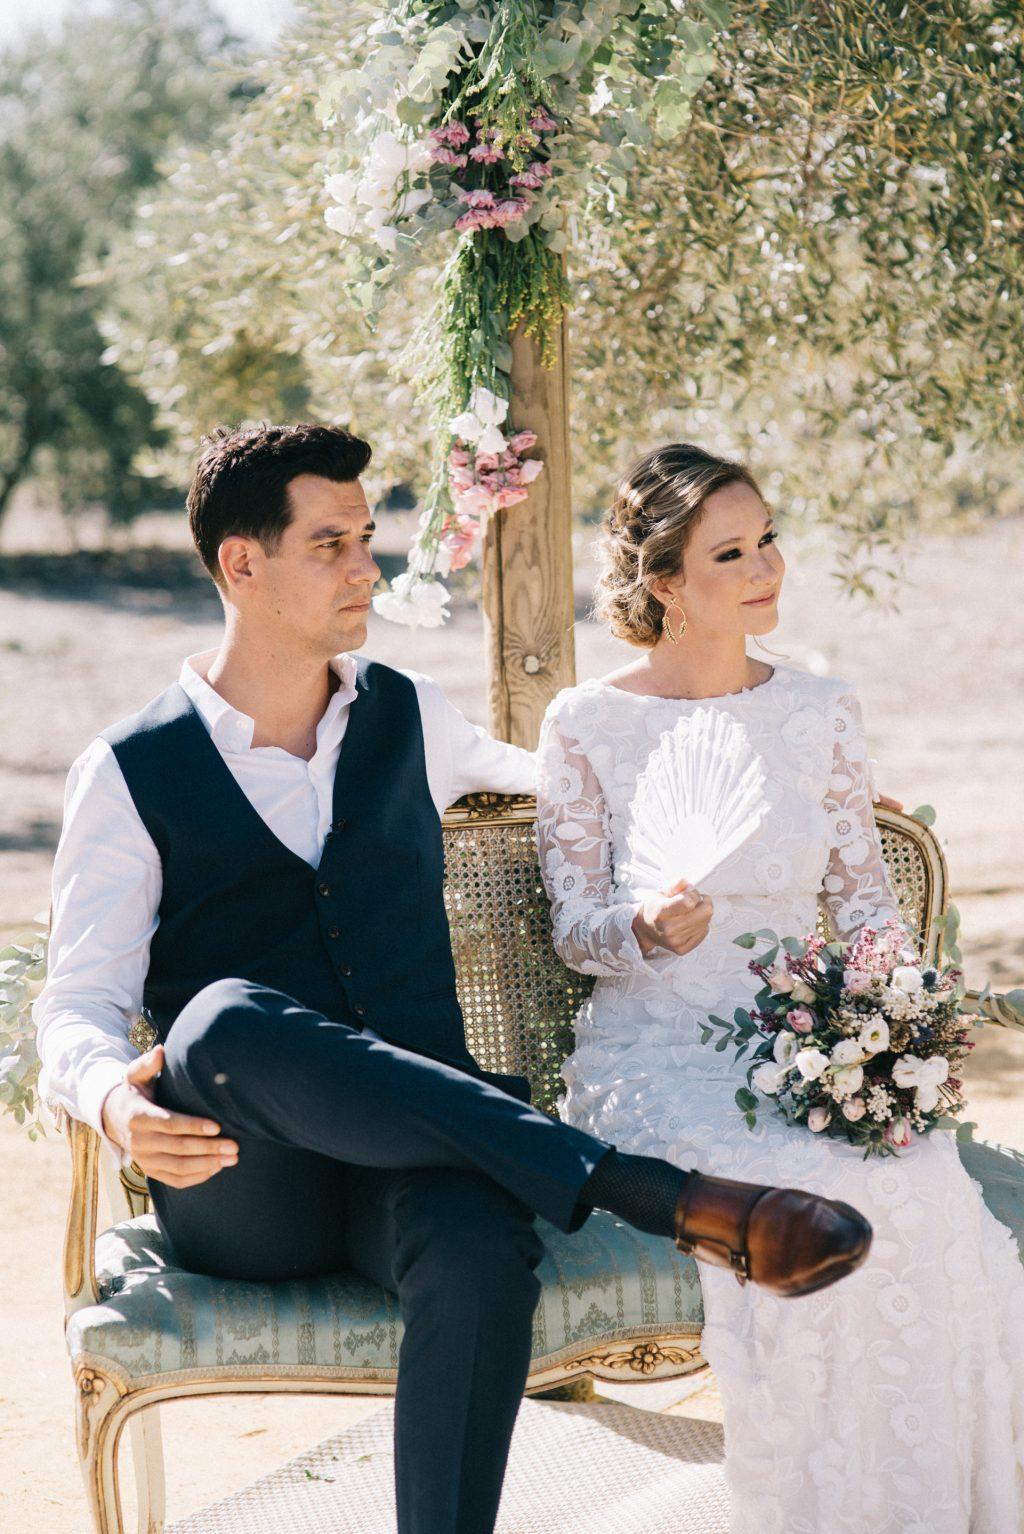 boda civil en hacienda san rafael 24 - La Boda Civil de Géraldine y Jan en Hacienda San Rafael